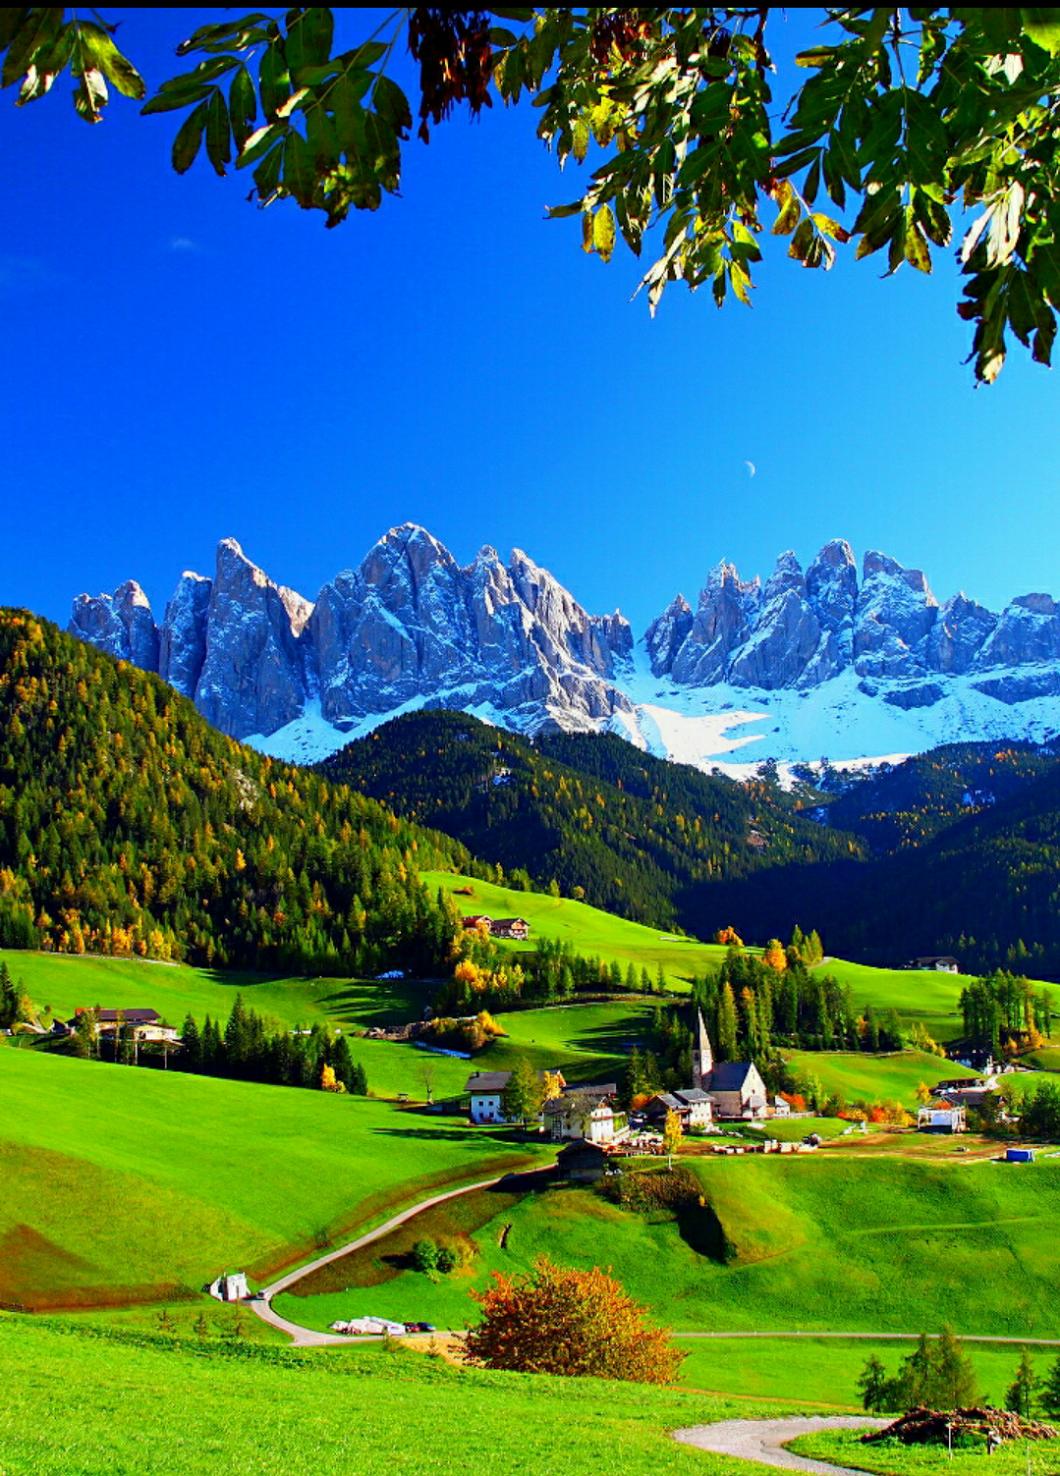 Familien Urlaub in Italien | www.sonnigetoskana.ch | Ferienvilla | ferienhaus #photoscenery